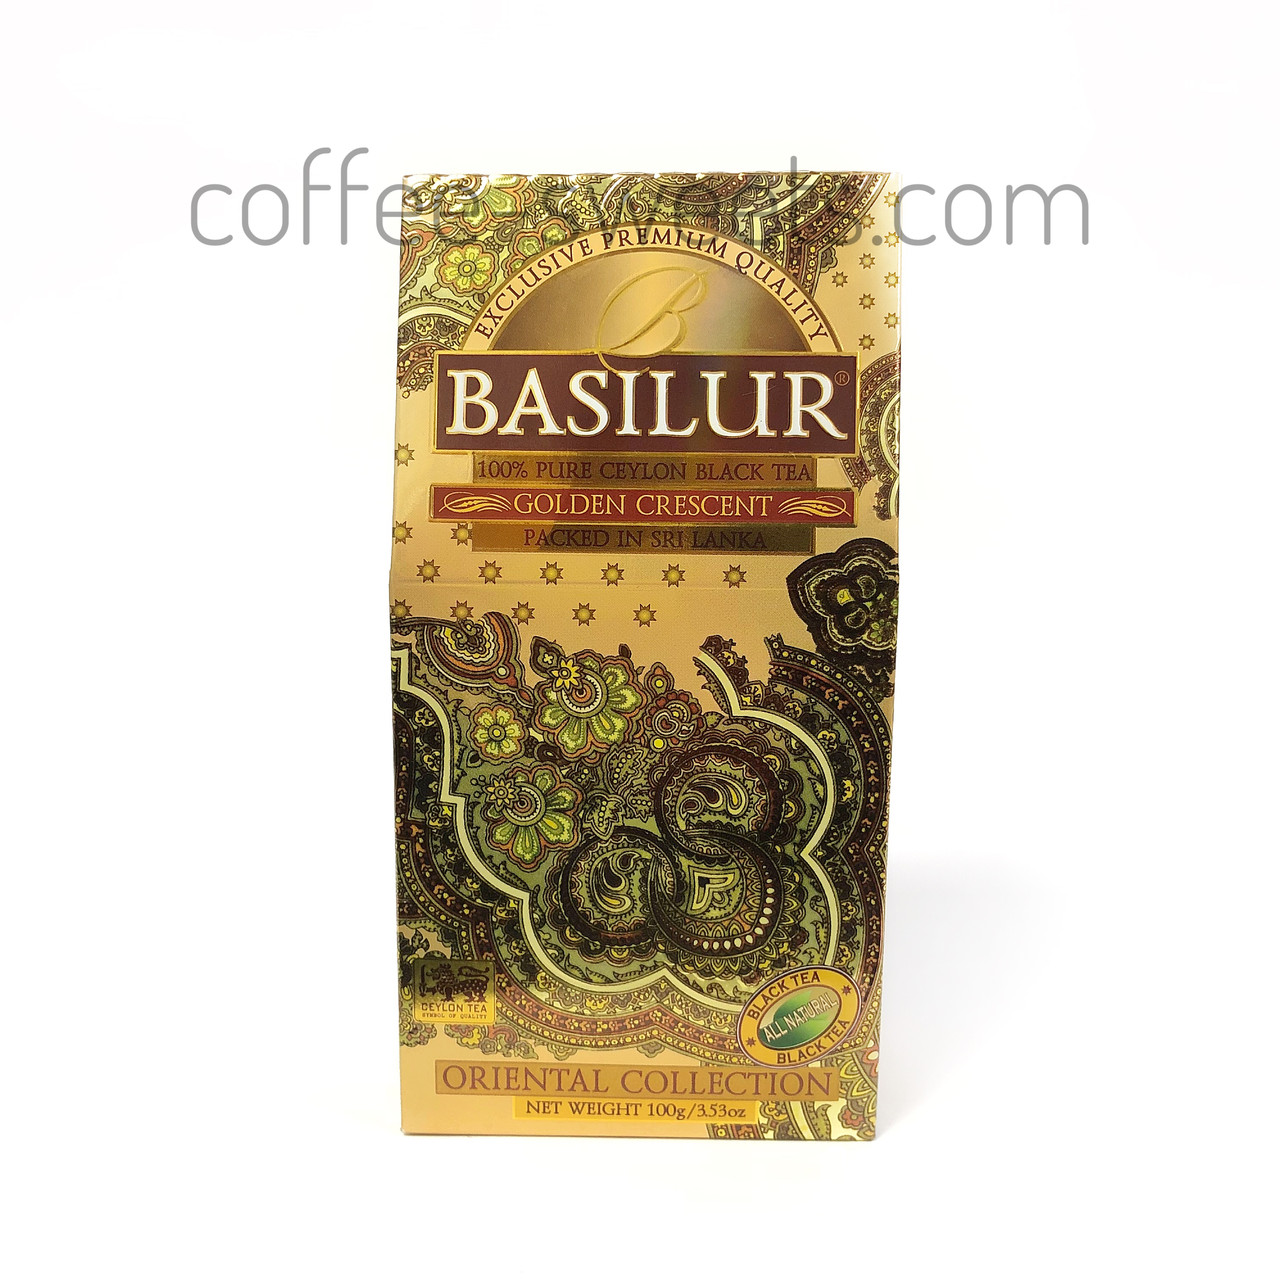 Чай черный байховый Basilur Восточная коллекция Golden Crescent (золотой месяц) 100g